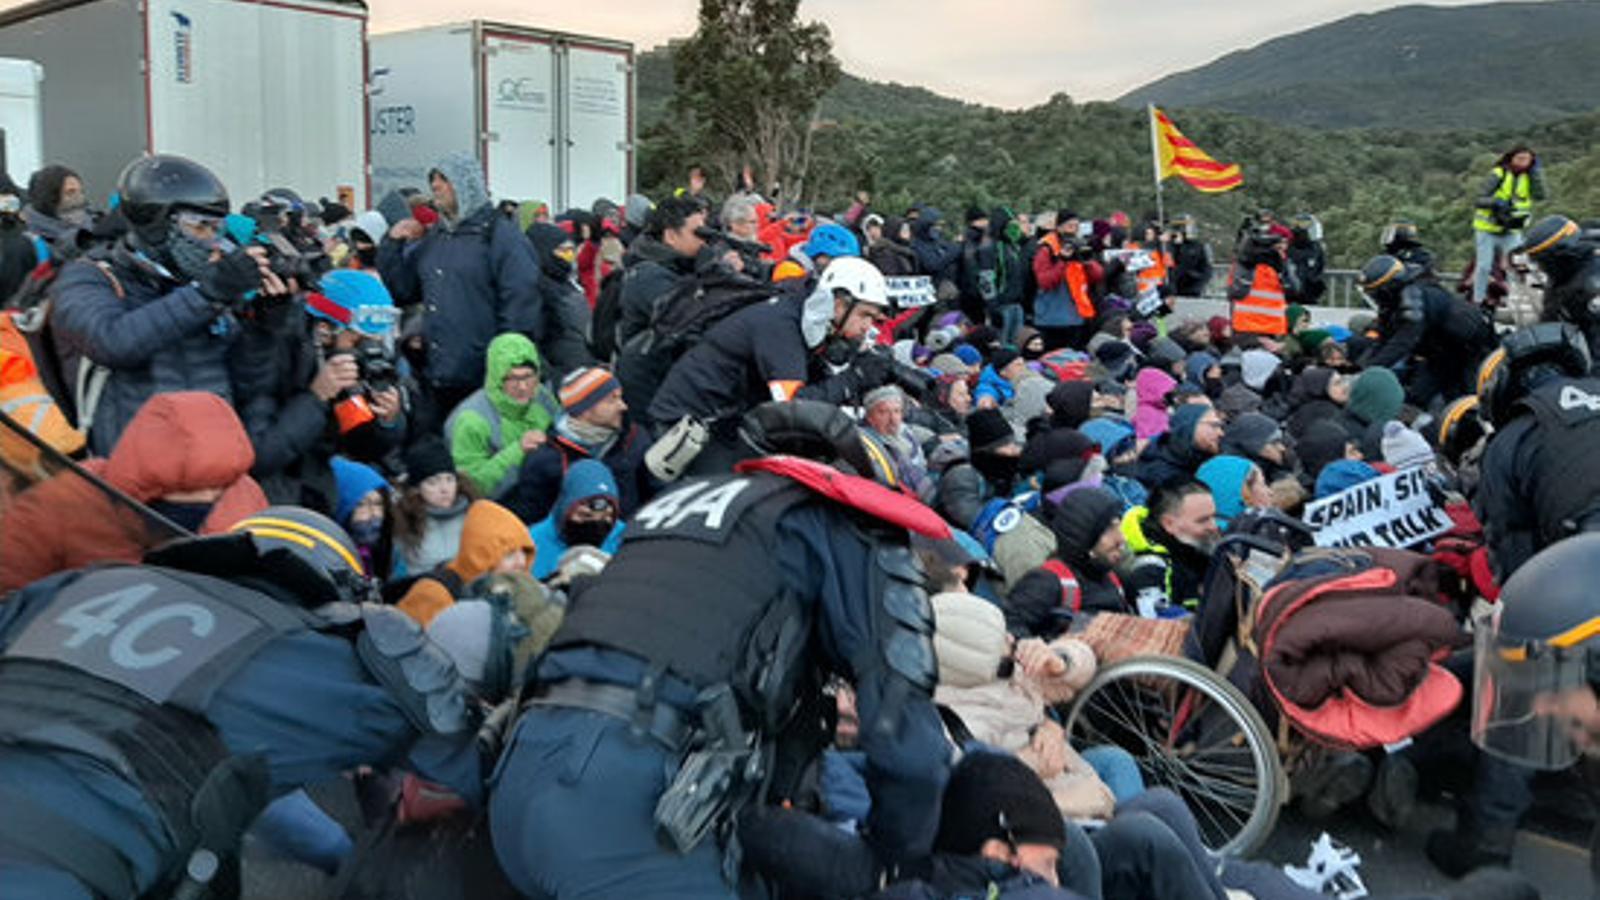 Antiavalots de la policia francesa desallotgen manifestants concentrats a la frontera francesa